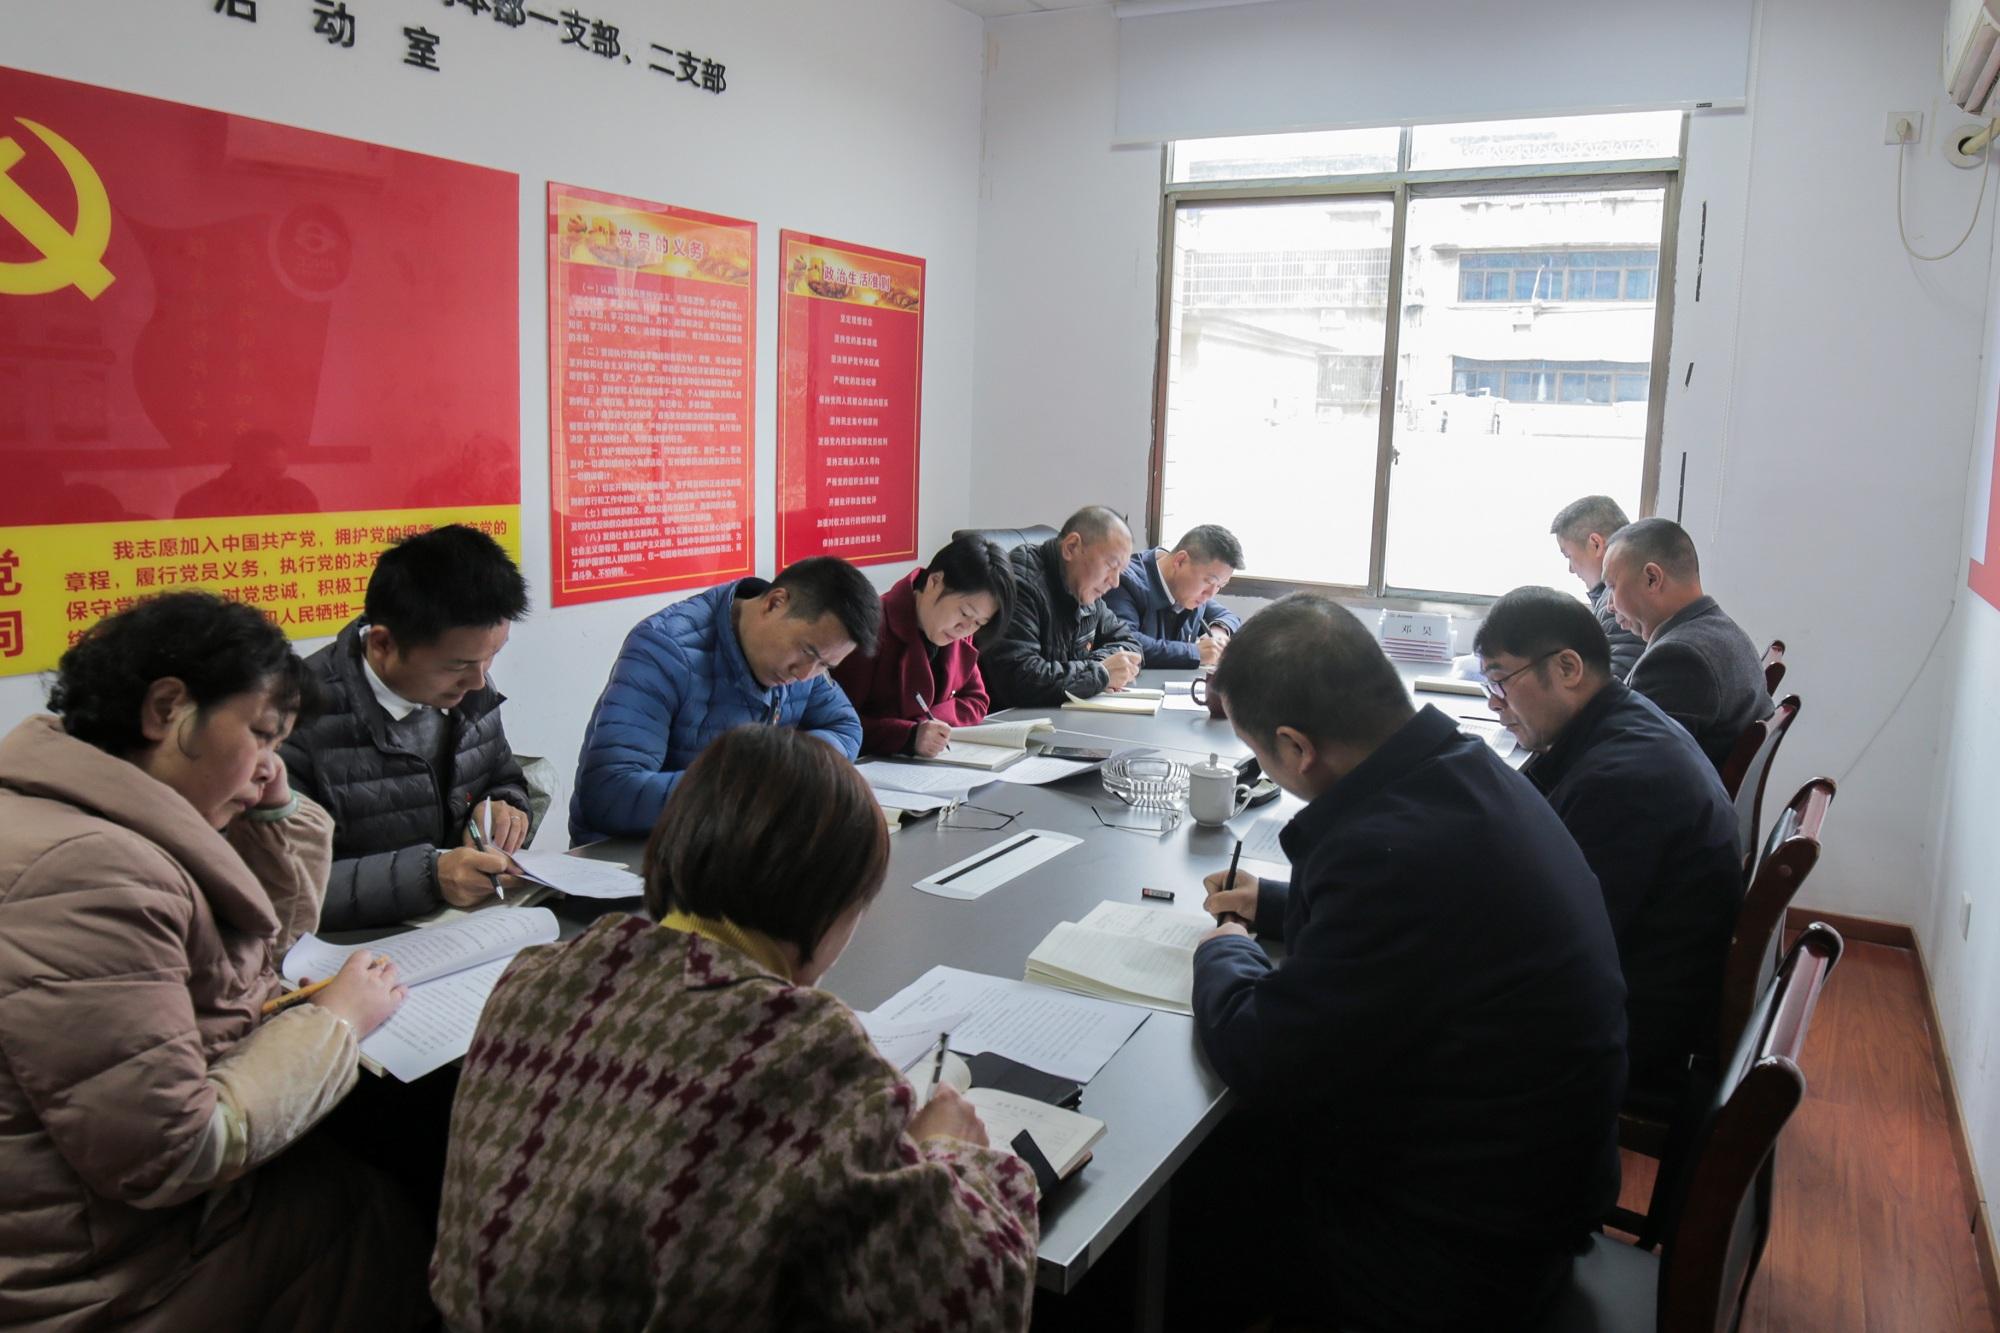 11月24日,长江分公司党委学习贯彻党的十九届五中全会精神.JPG